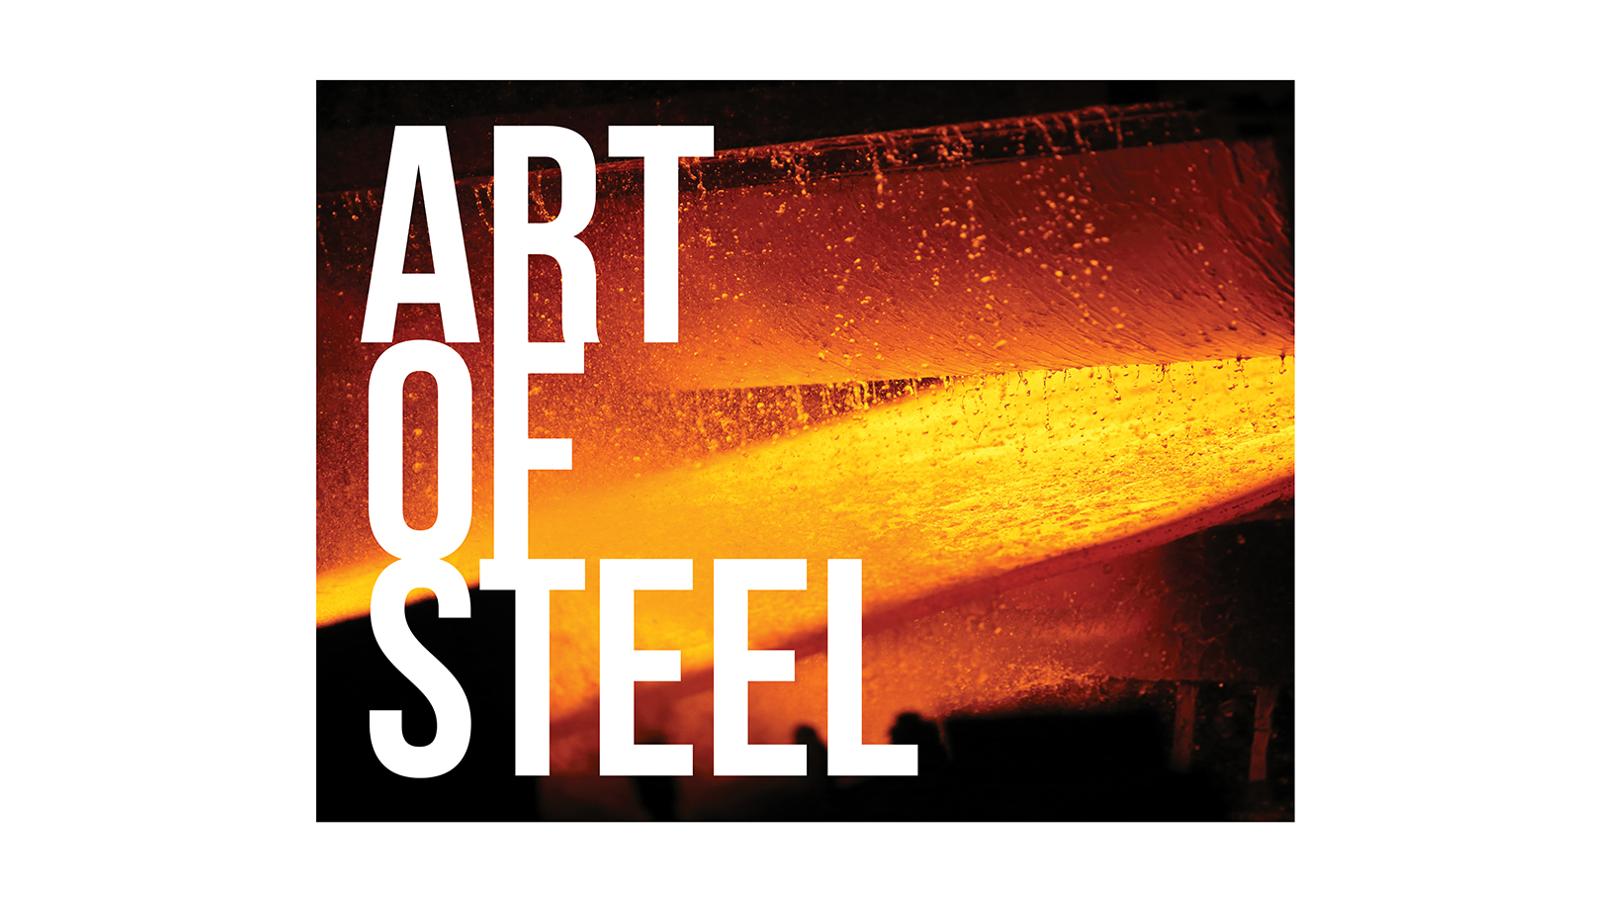 Эффект присутствия и полное погружение: ко Дню металлурга жители Запорожья смогут посетить уникальную выставку «Art of steel»